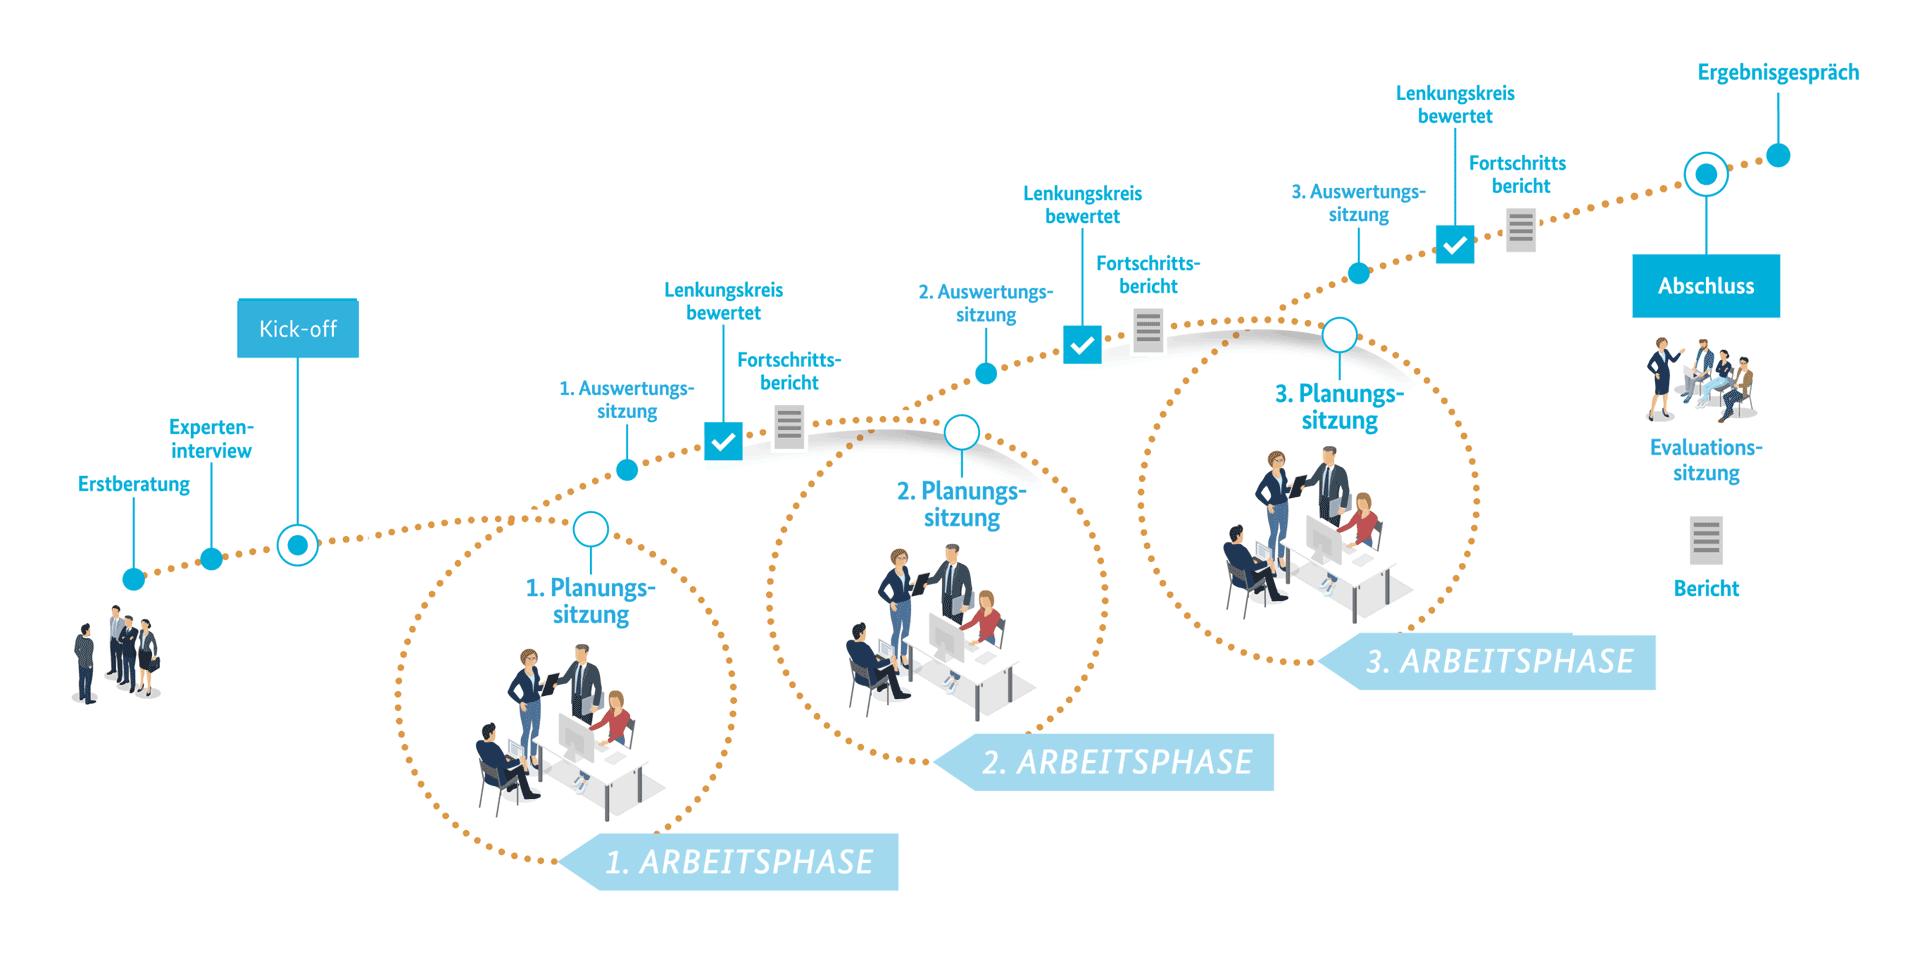 Arbeitsphasen der Prozessberatung im Förderprogramm unternehmensWert: Mensch plus. Quelle: Bundesministerium für Arbeit und Soziales